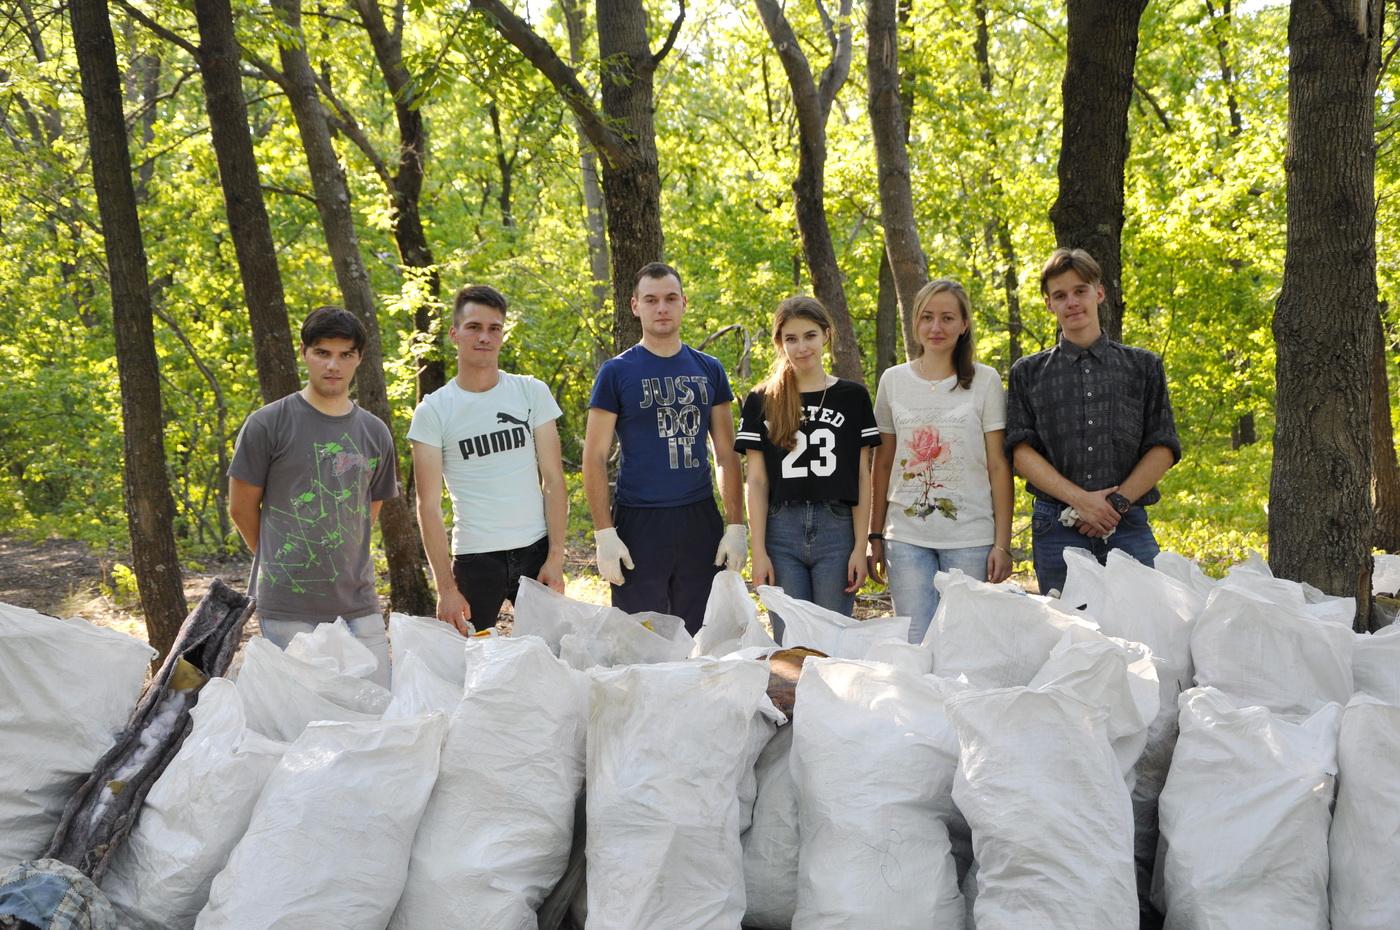 Молодёжные активисты собрали 40 мешков мусора в лесополосе Каменнобродского района Луганска